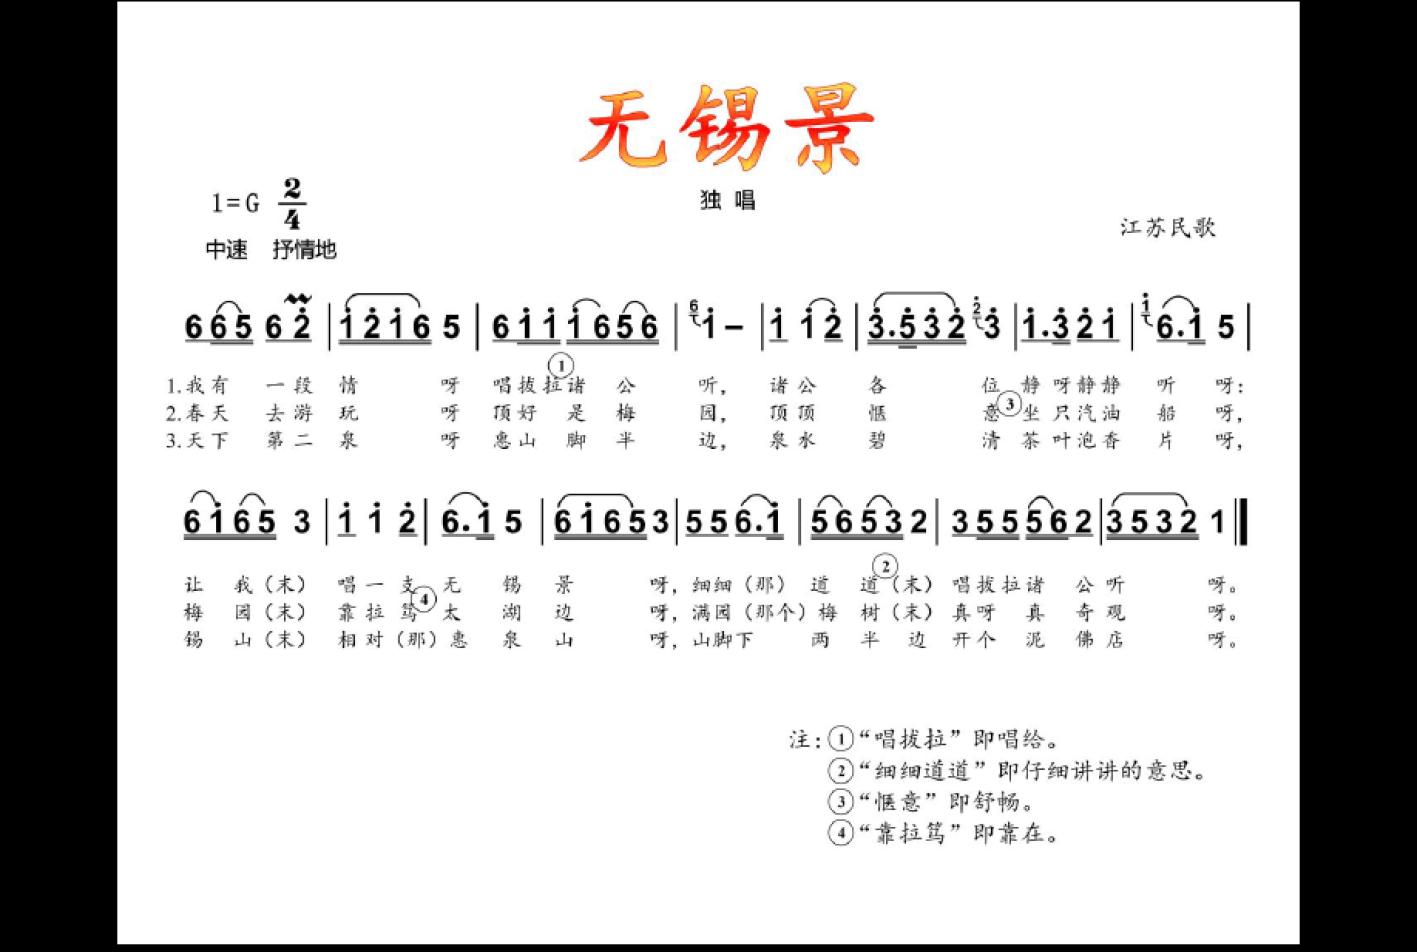 人音社简谱初中《无锡景》七课件下(作文)年级校园音乐的一角图片